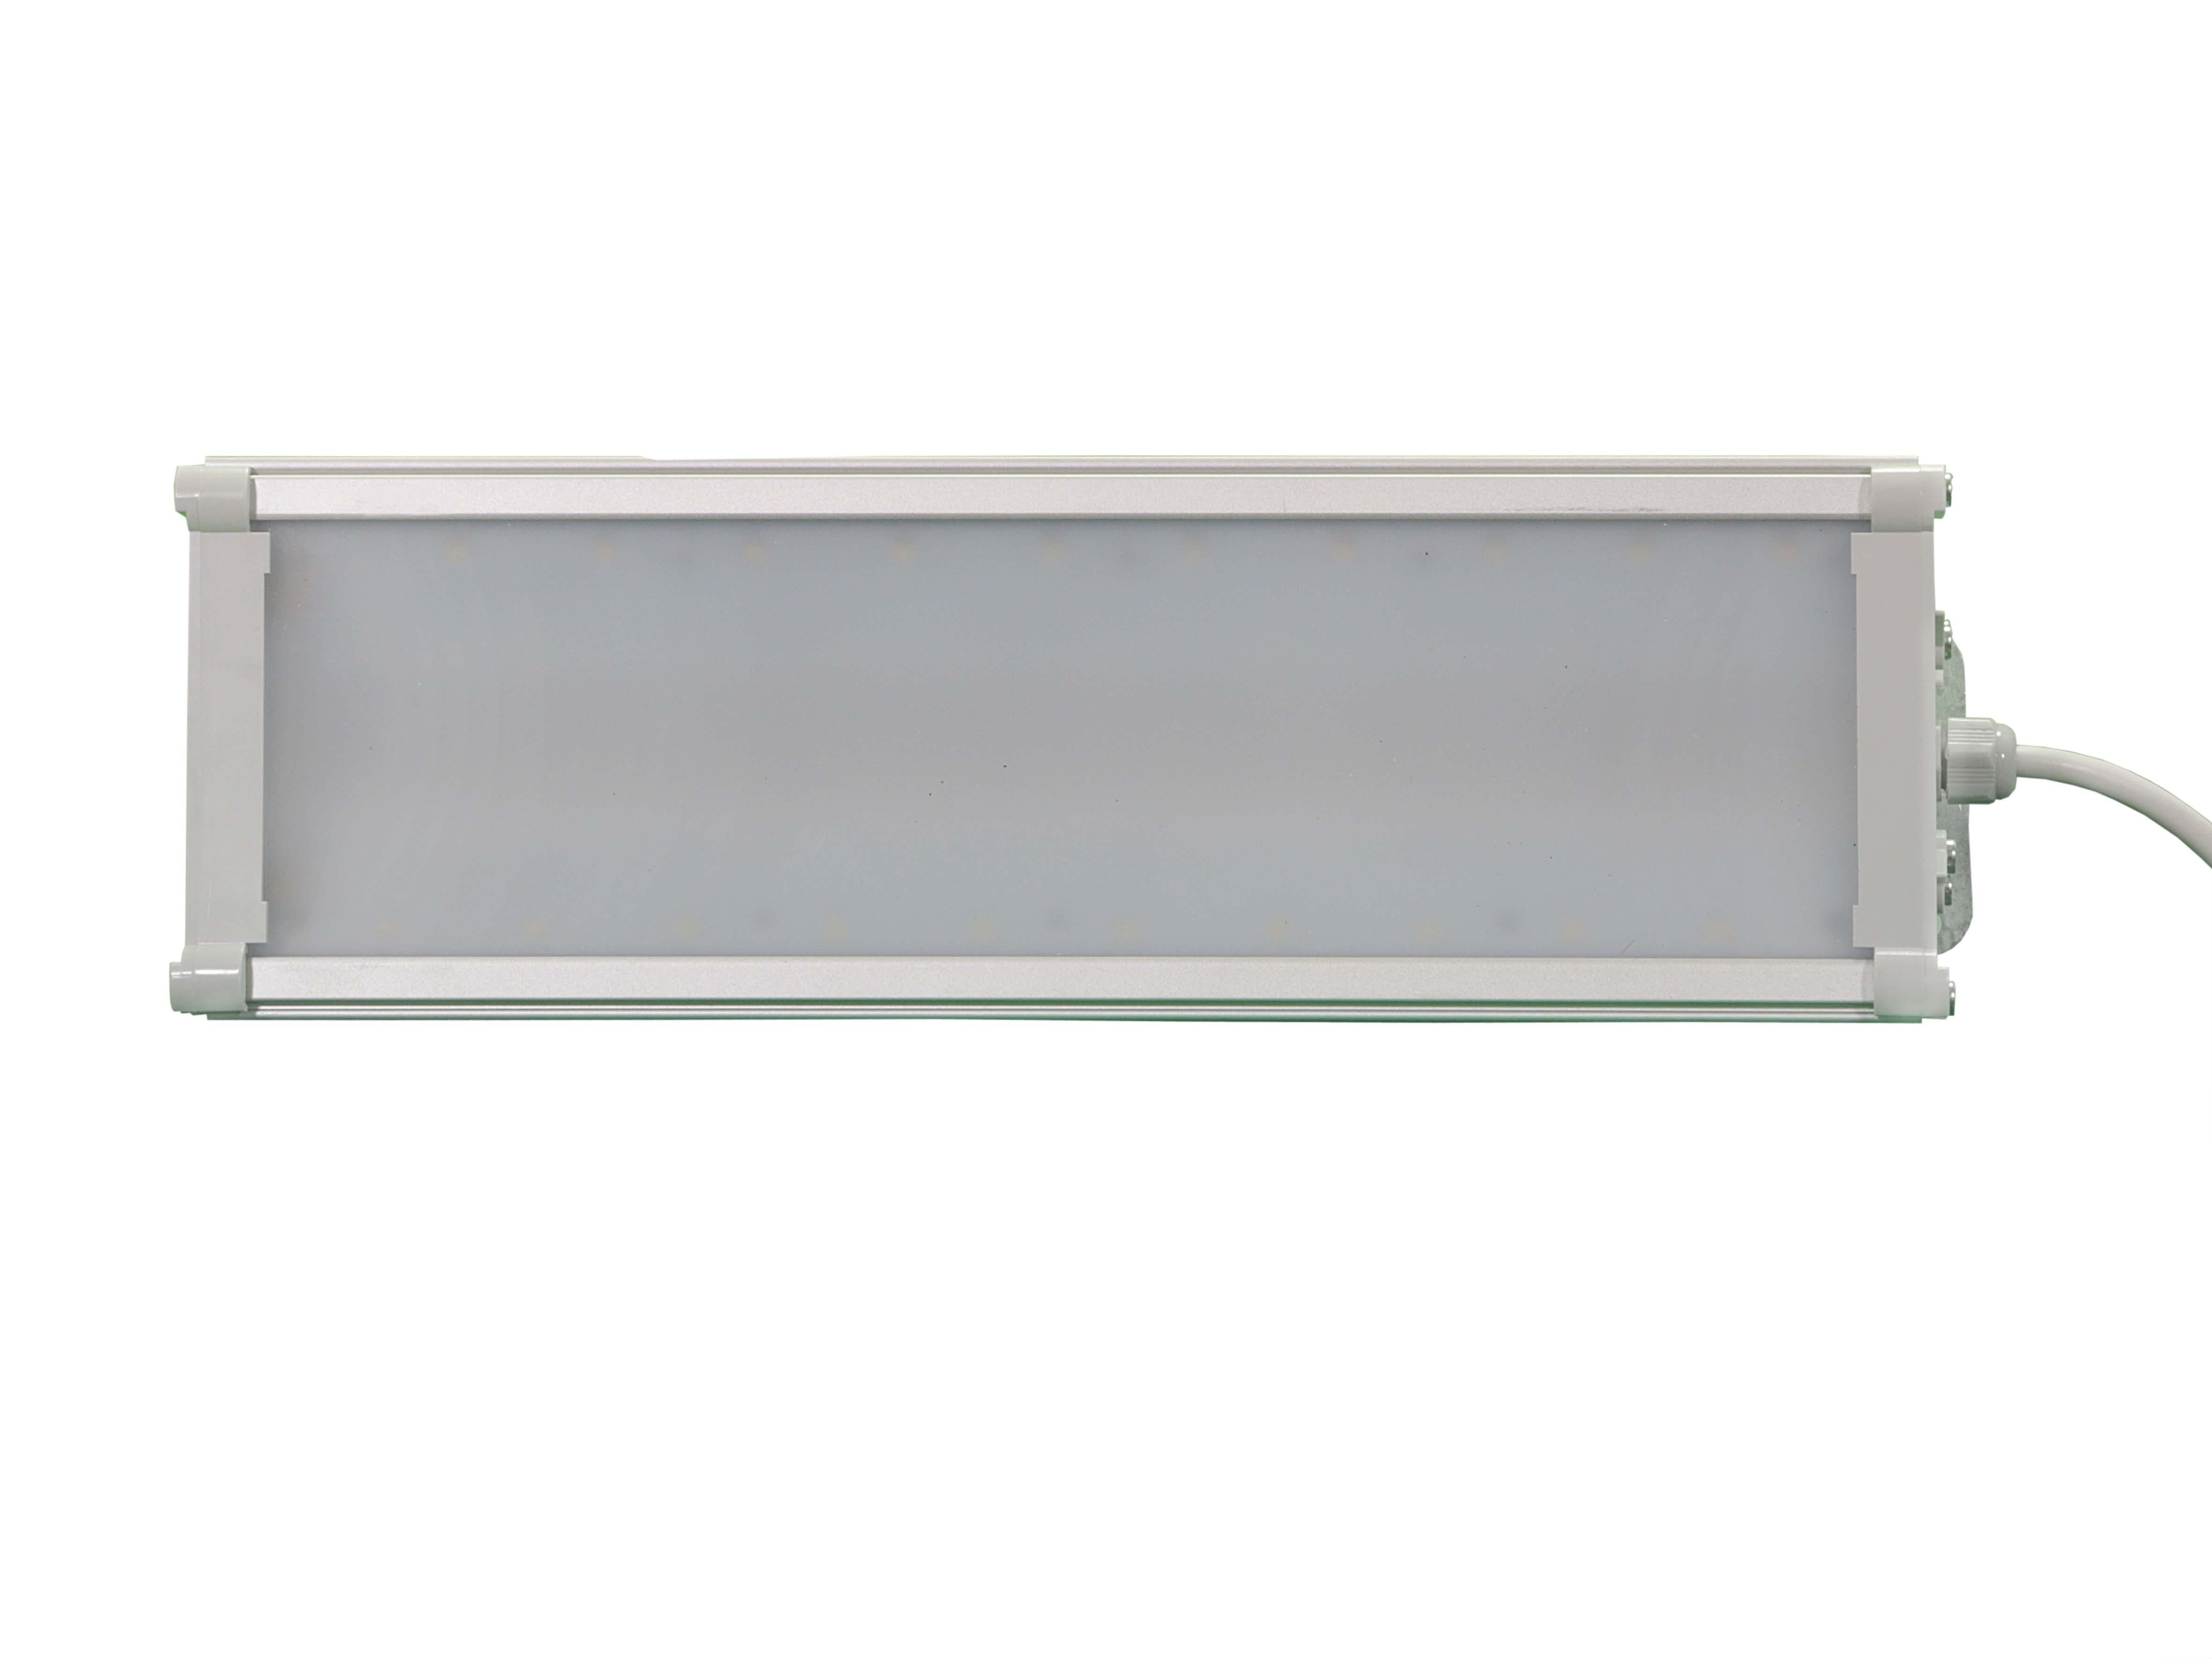 Промышленный светодиодный светильник ДСП-Алюм-40 Премиум 40Вт 4050Лм